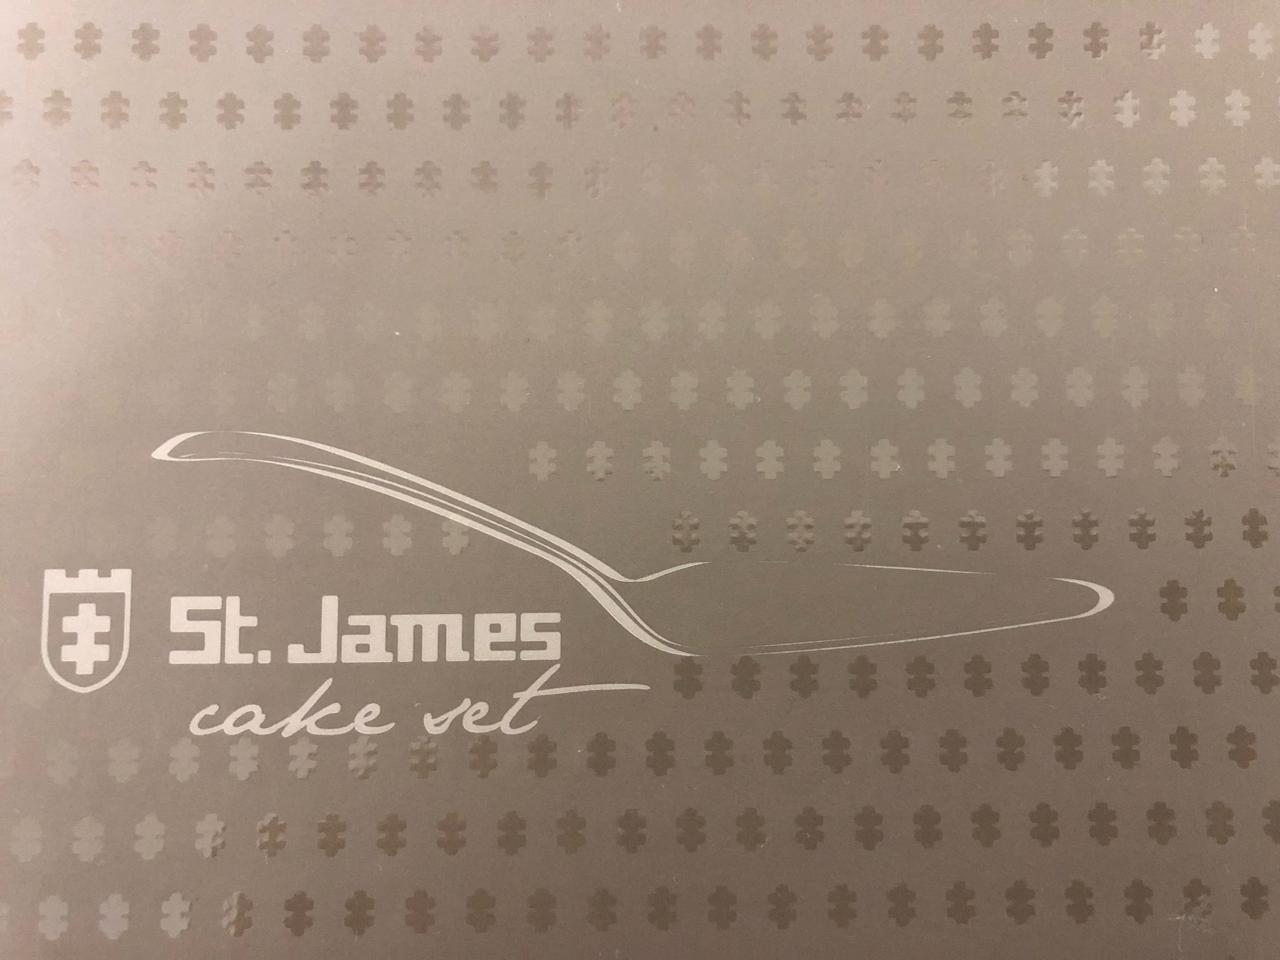 Jogo para Bolo em Prata com 1 Espatula e 6 garfos - Serenity - St James